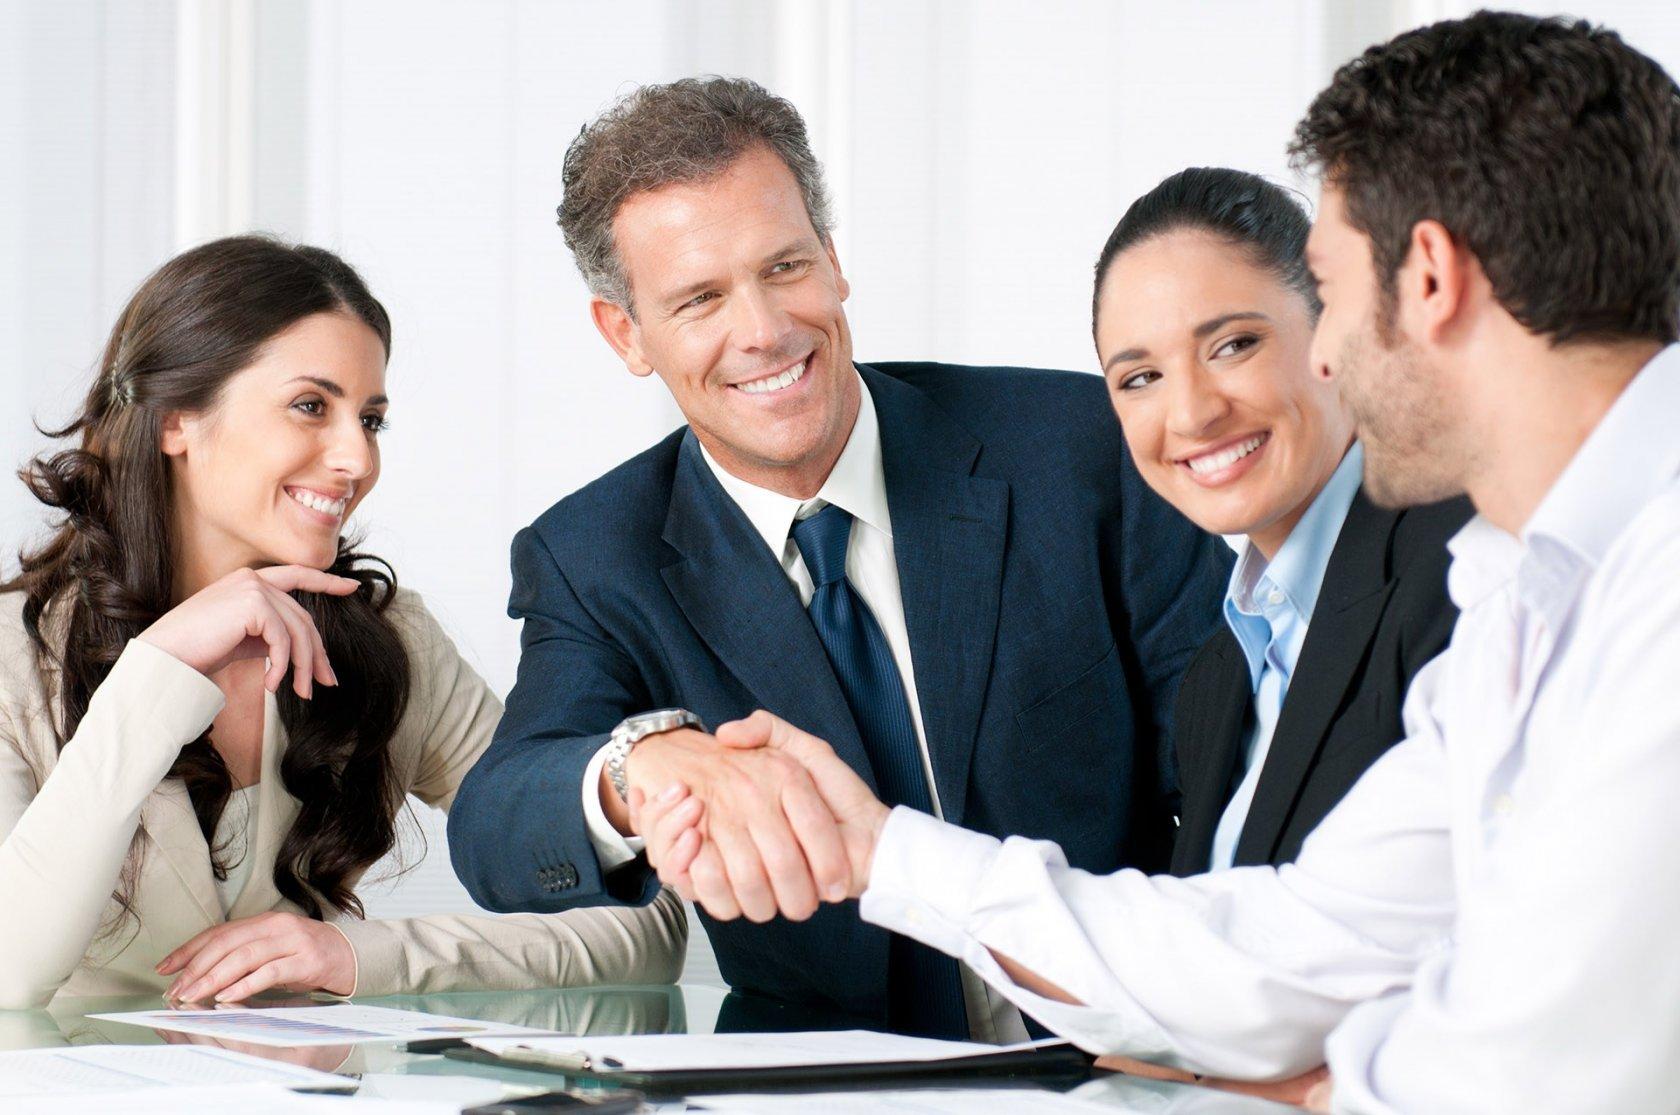 хорошие картинки по бизнесу с людьми появились эти рукава